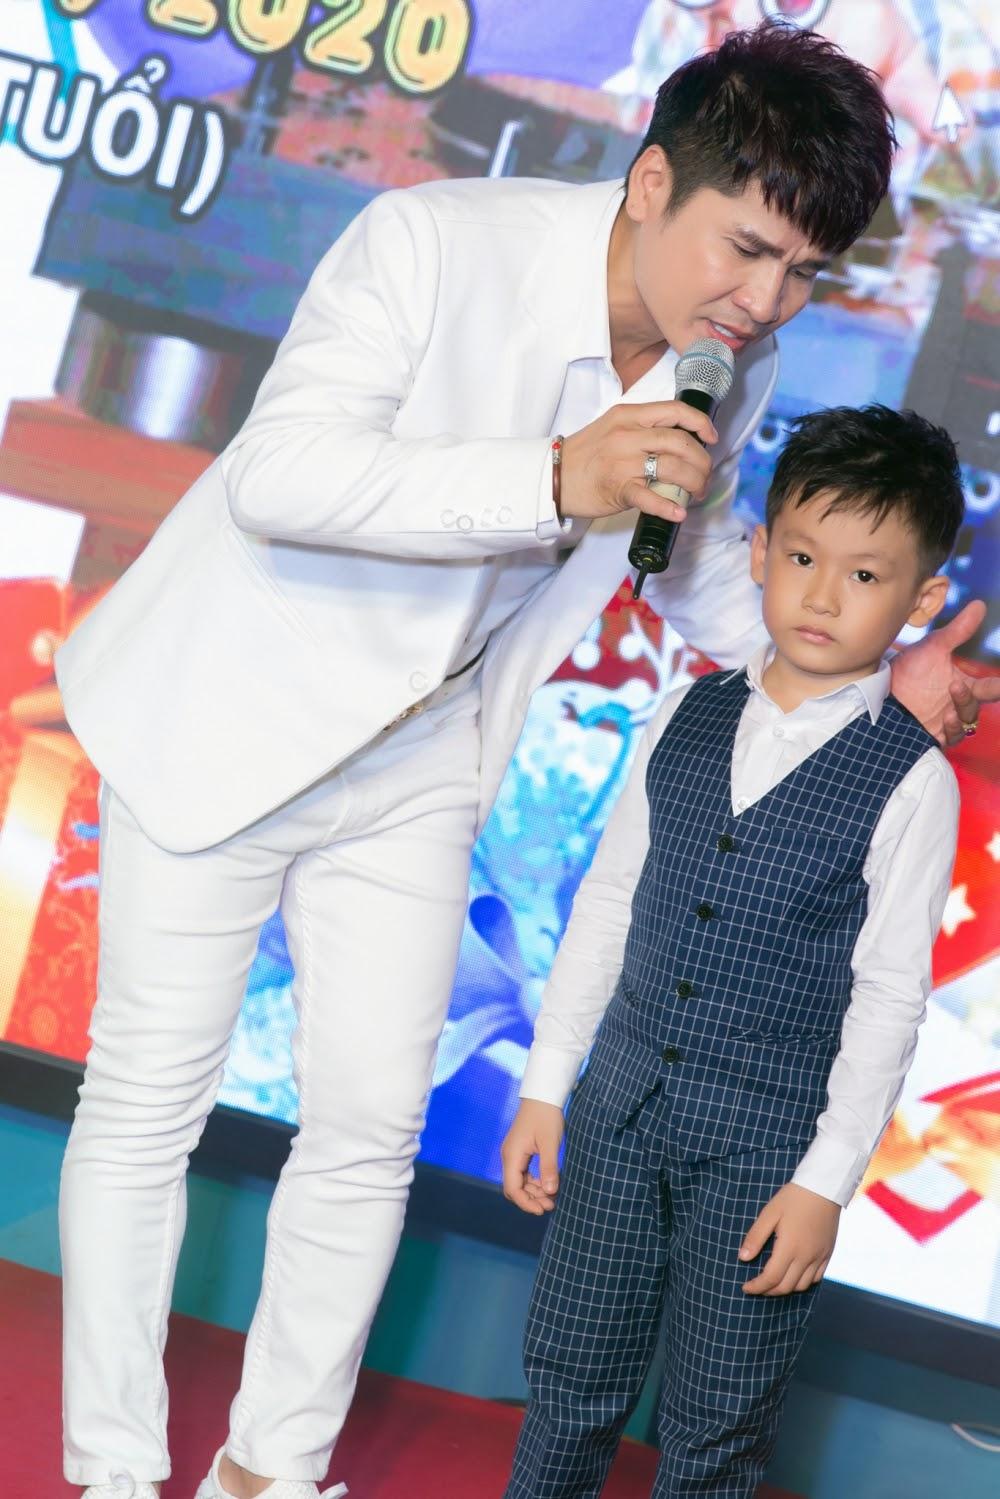 Lộ diện con trai 7 tuổi cực điển trai của Vua nhạc sàn Lương Gia Huy - Hình 8